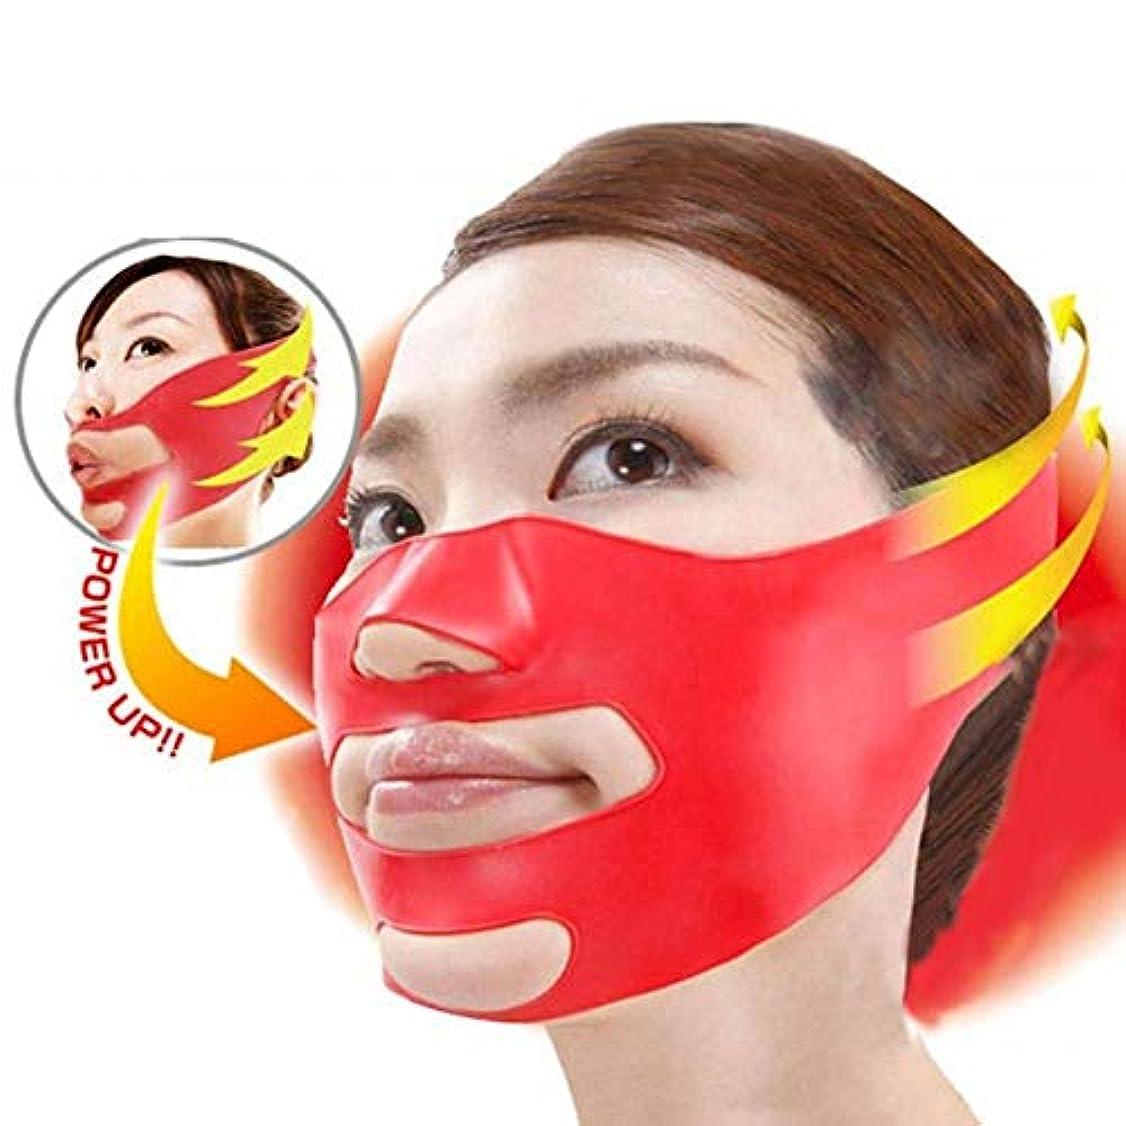 論争の的バターアンプ1ピース3dフェイスリフトツールフェイシャルシェイパーv頬リフトアップフェイスマスク痩身マスクベルト包帯成形整形スリム女性美容ツール